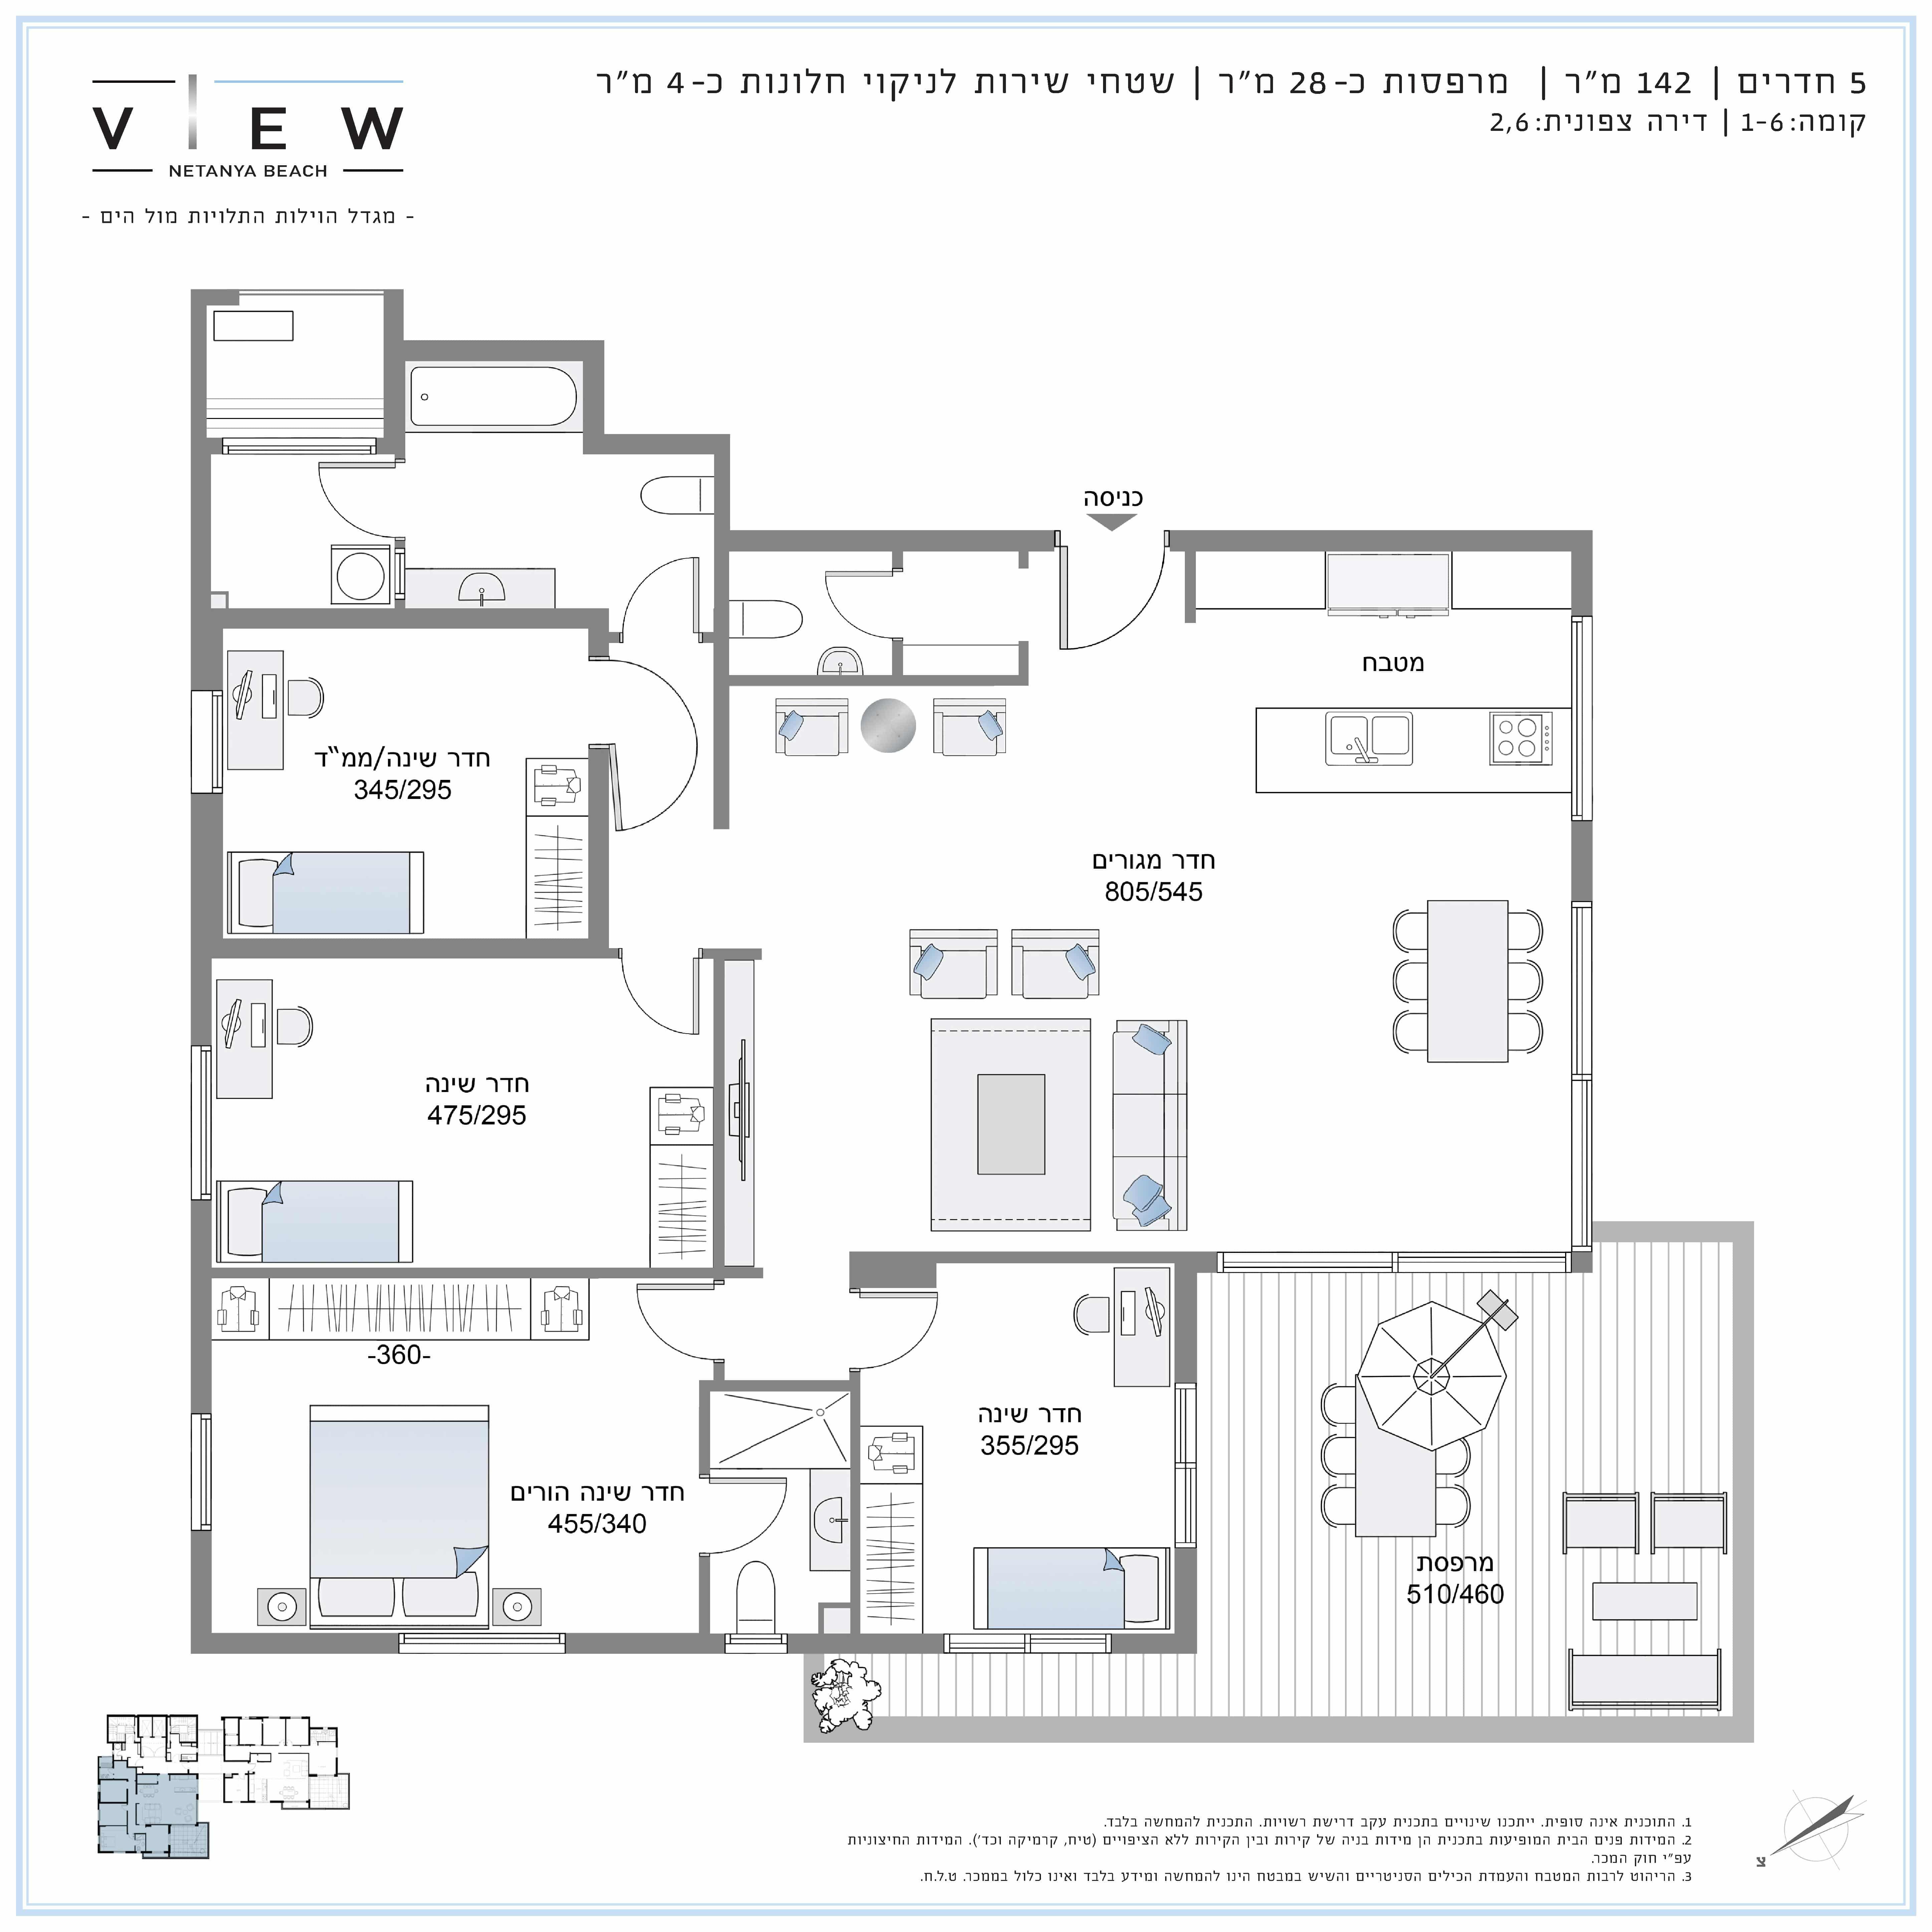 6451-floor-plan-490x490-2